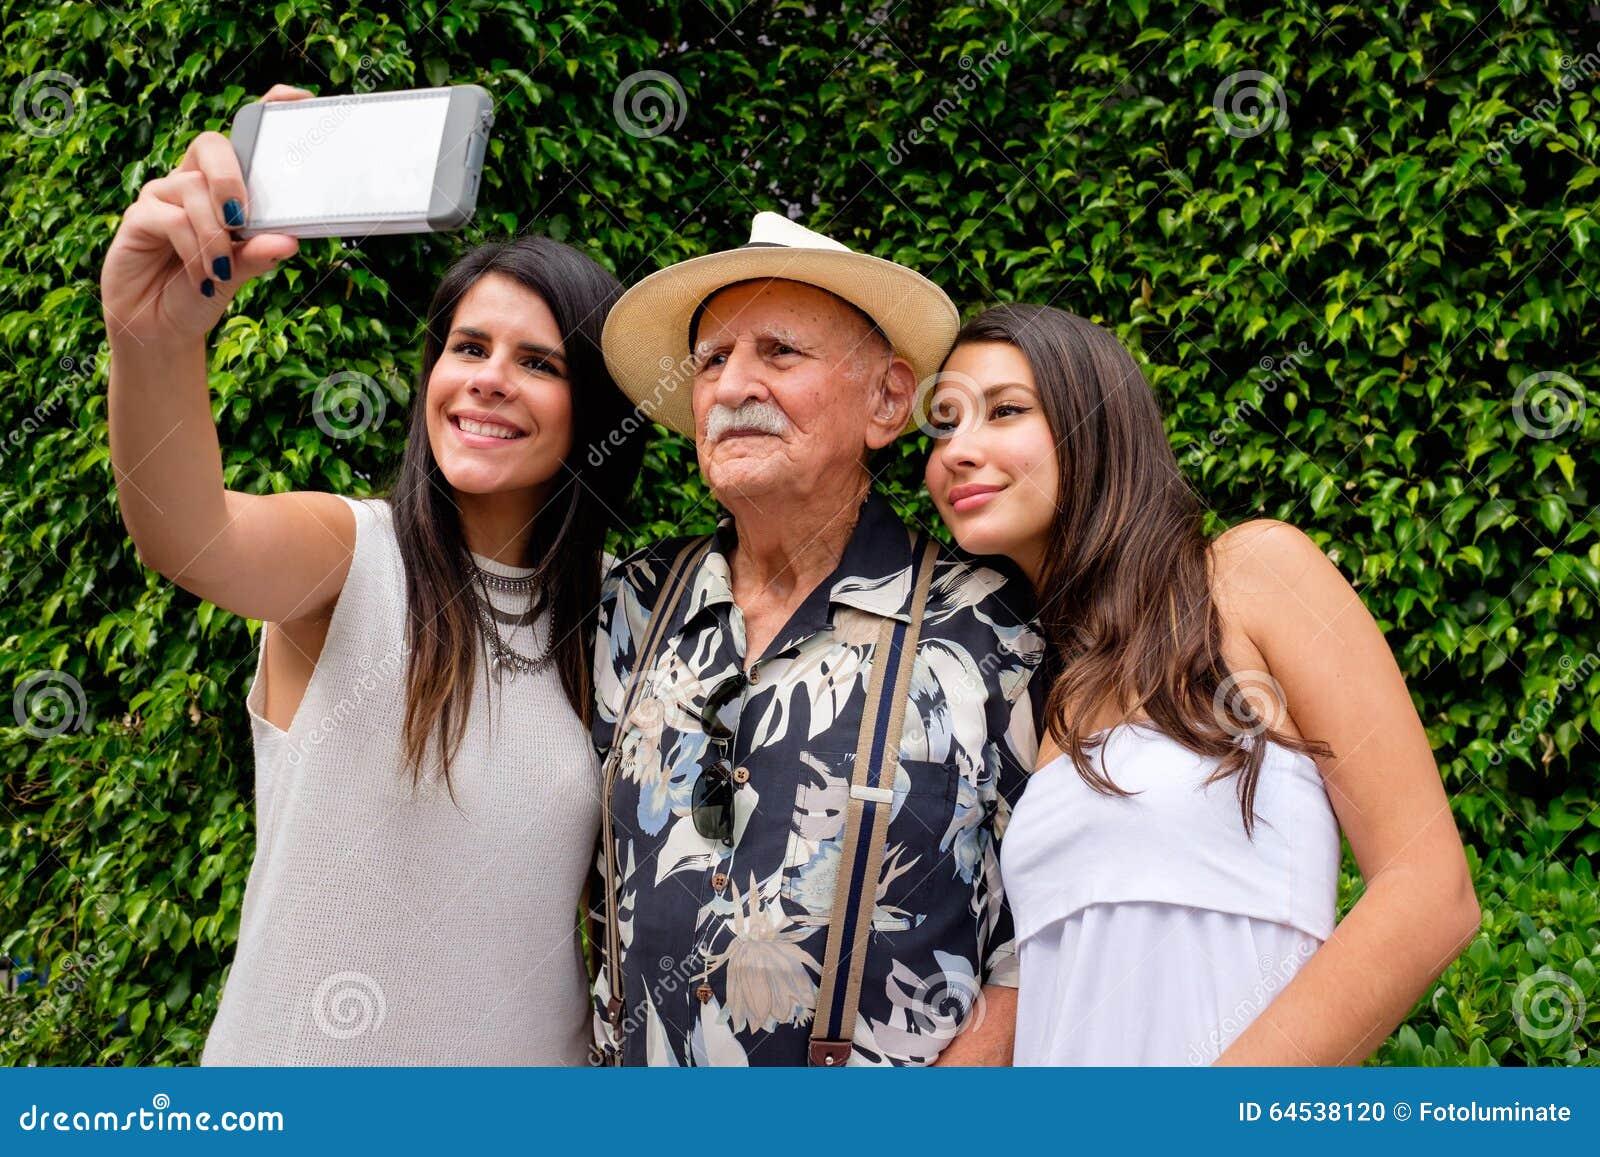 Hilo para hablar sola - Página 6 Abuelo-y-nietas-64538120